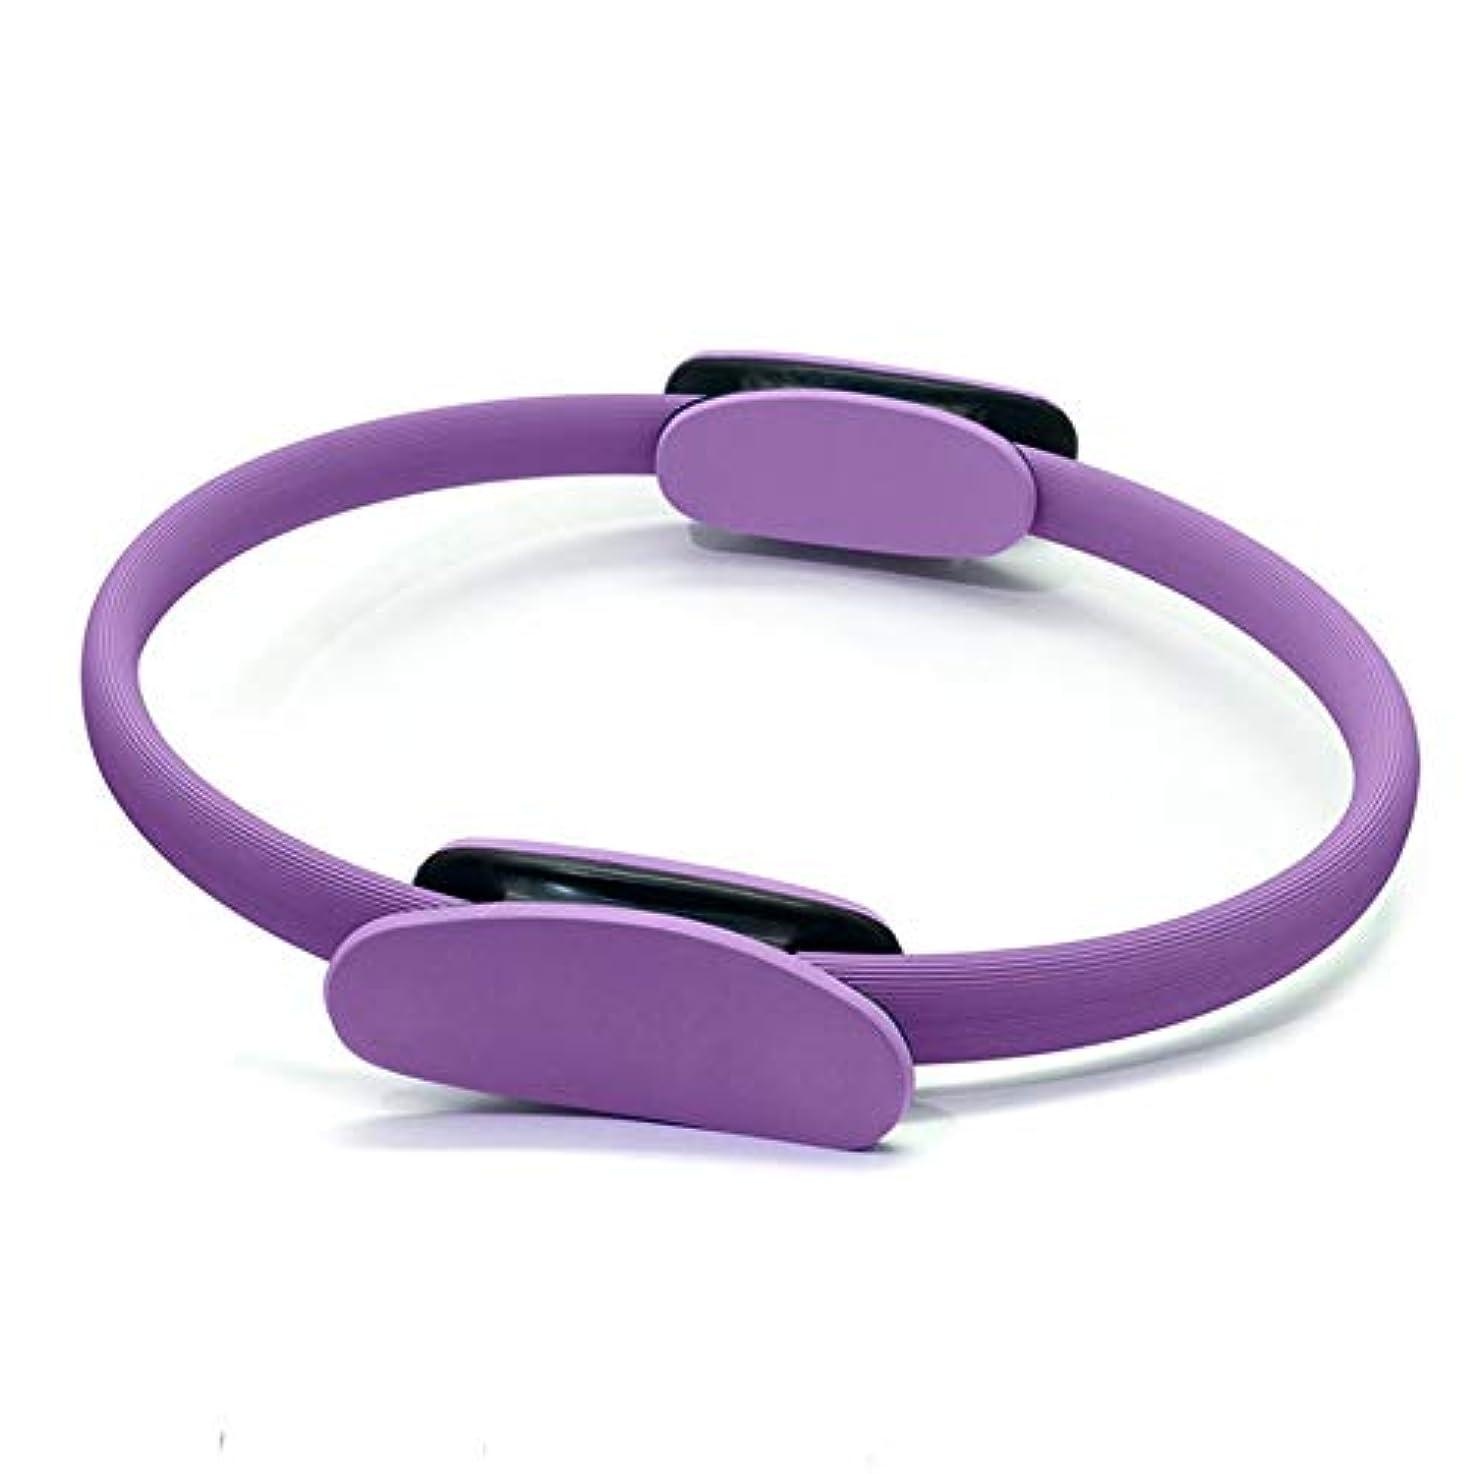 きちんとした不毛おばさんポータブルサイズ38センチヨガレジスタンスリング軽量痩身マジックサークル太もも抵抗レジスタンスヨガリングトレーニングツール(Color:purple)